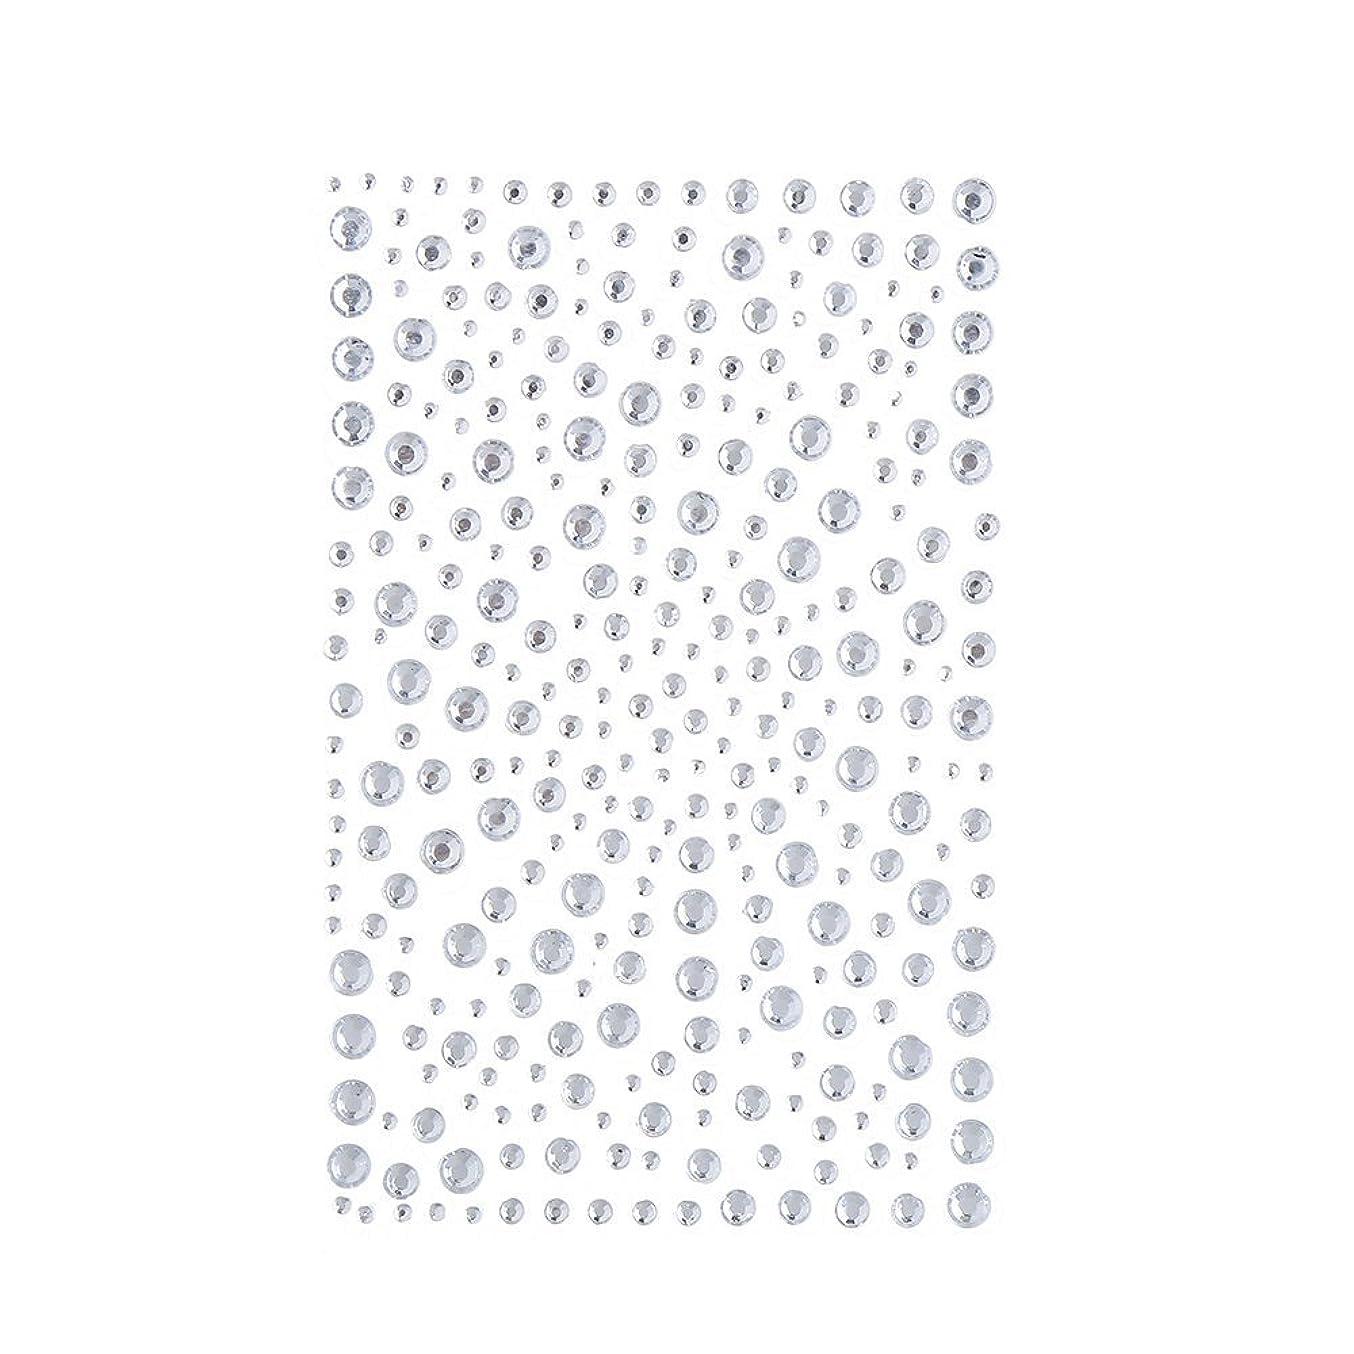 発掘するホステルの配列ラインストーン 人工ダイヤモンド スワロフスキー ホットフィックス 325粒 (白)